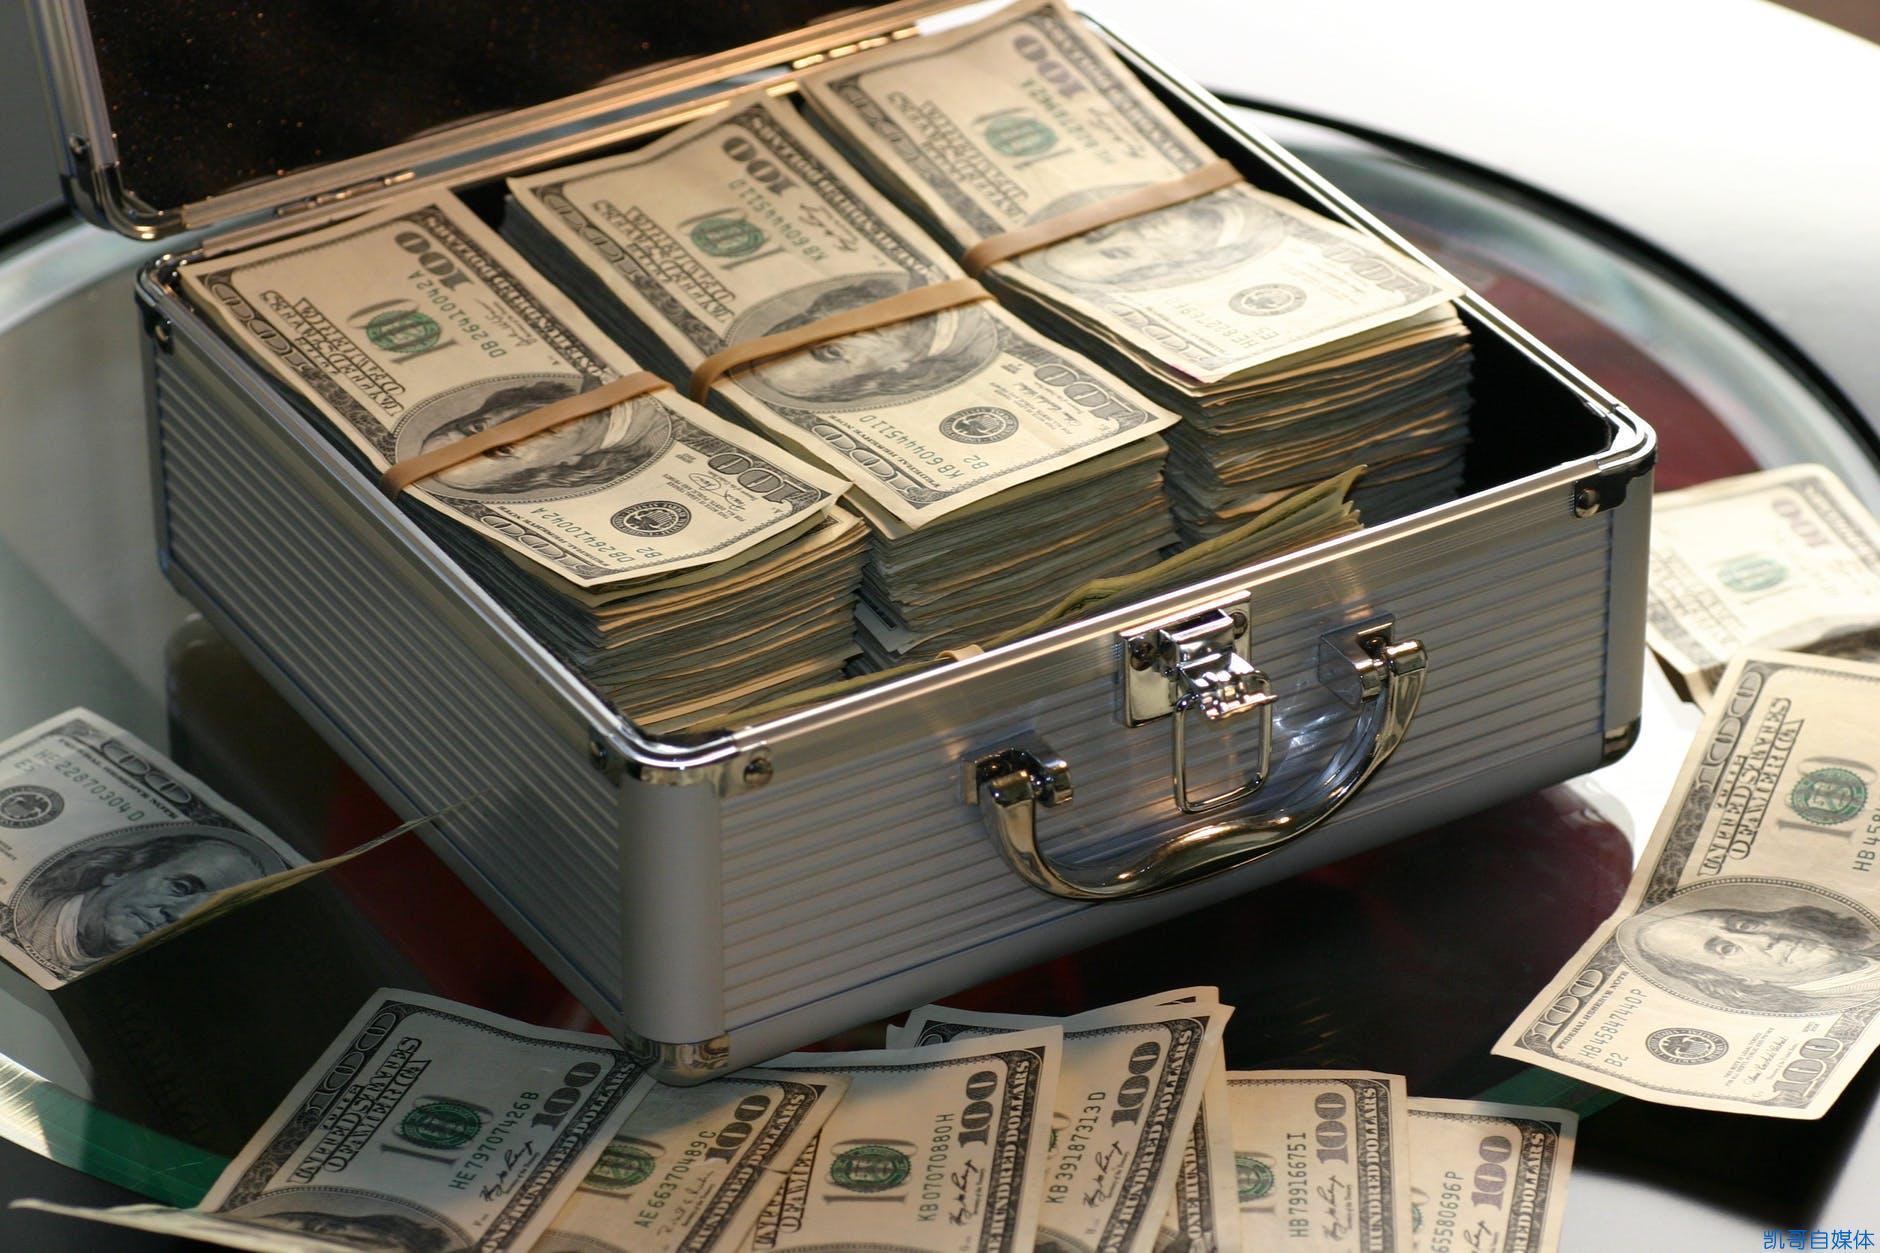 普通人如何通过互联网赚钱?分享4个副业赚钱方式,真实靠谱!